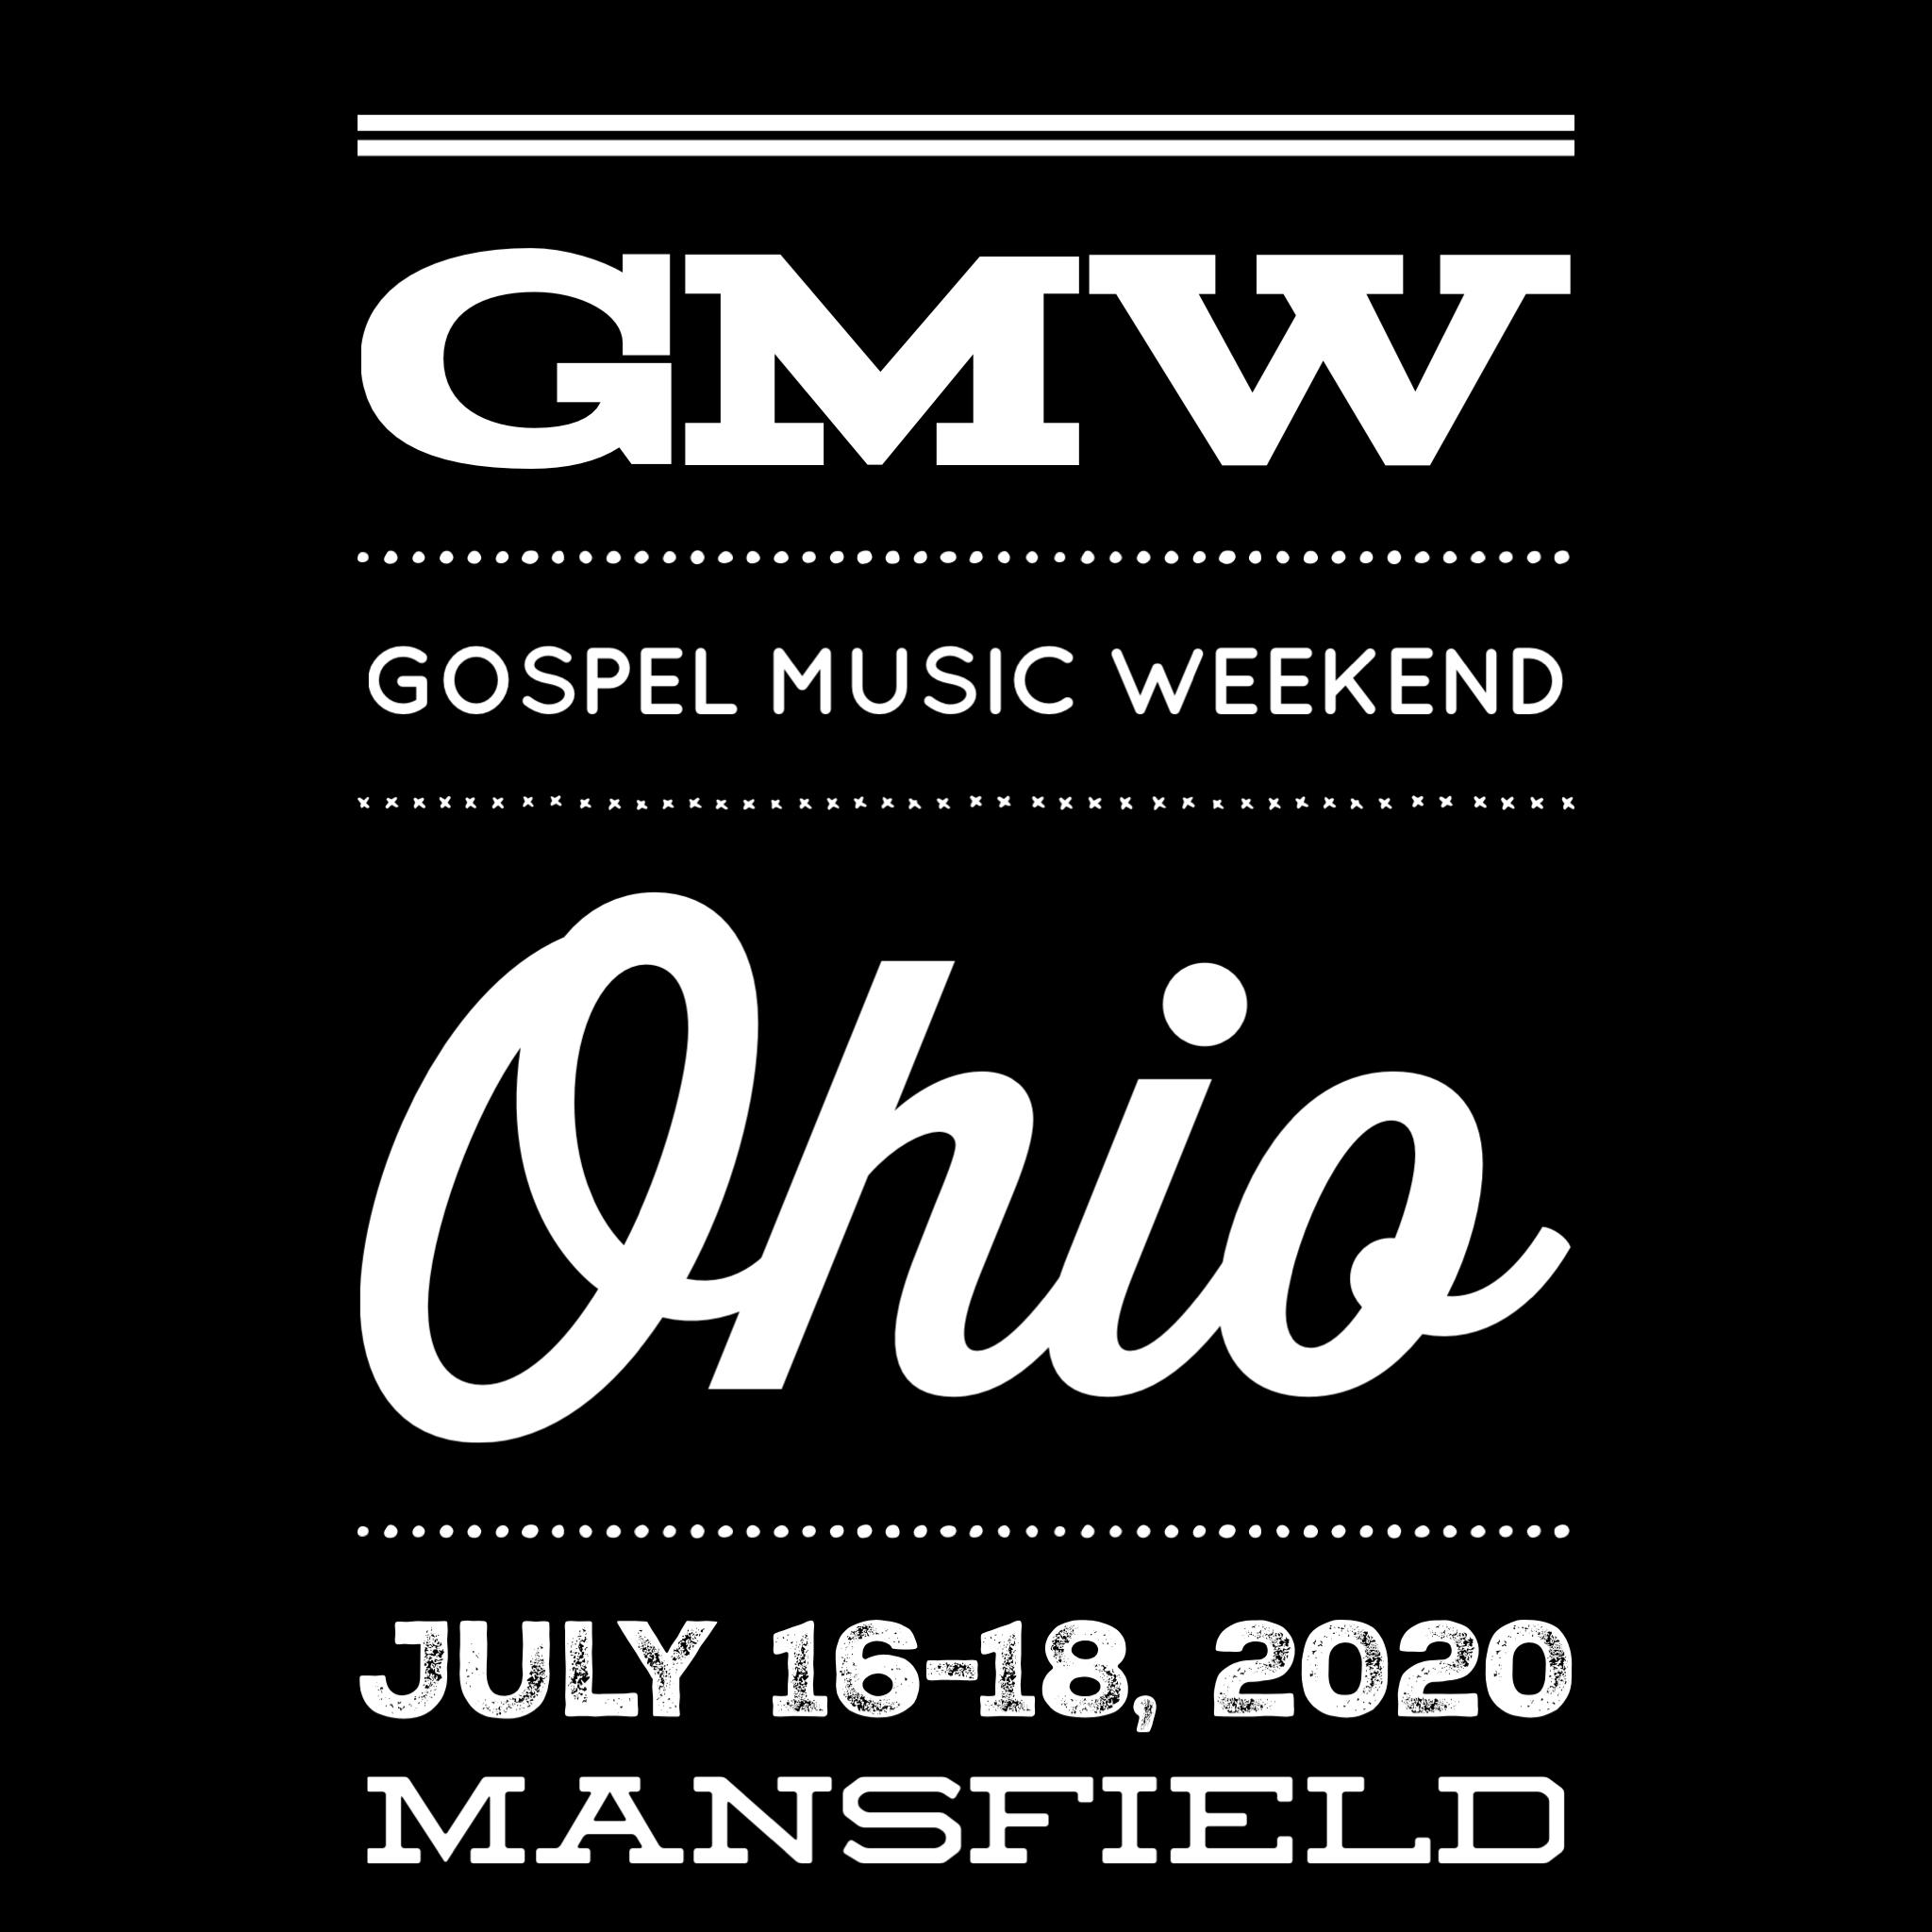 Gospel Music Weekend Slated for Ohio